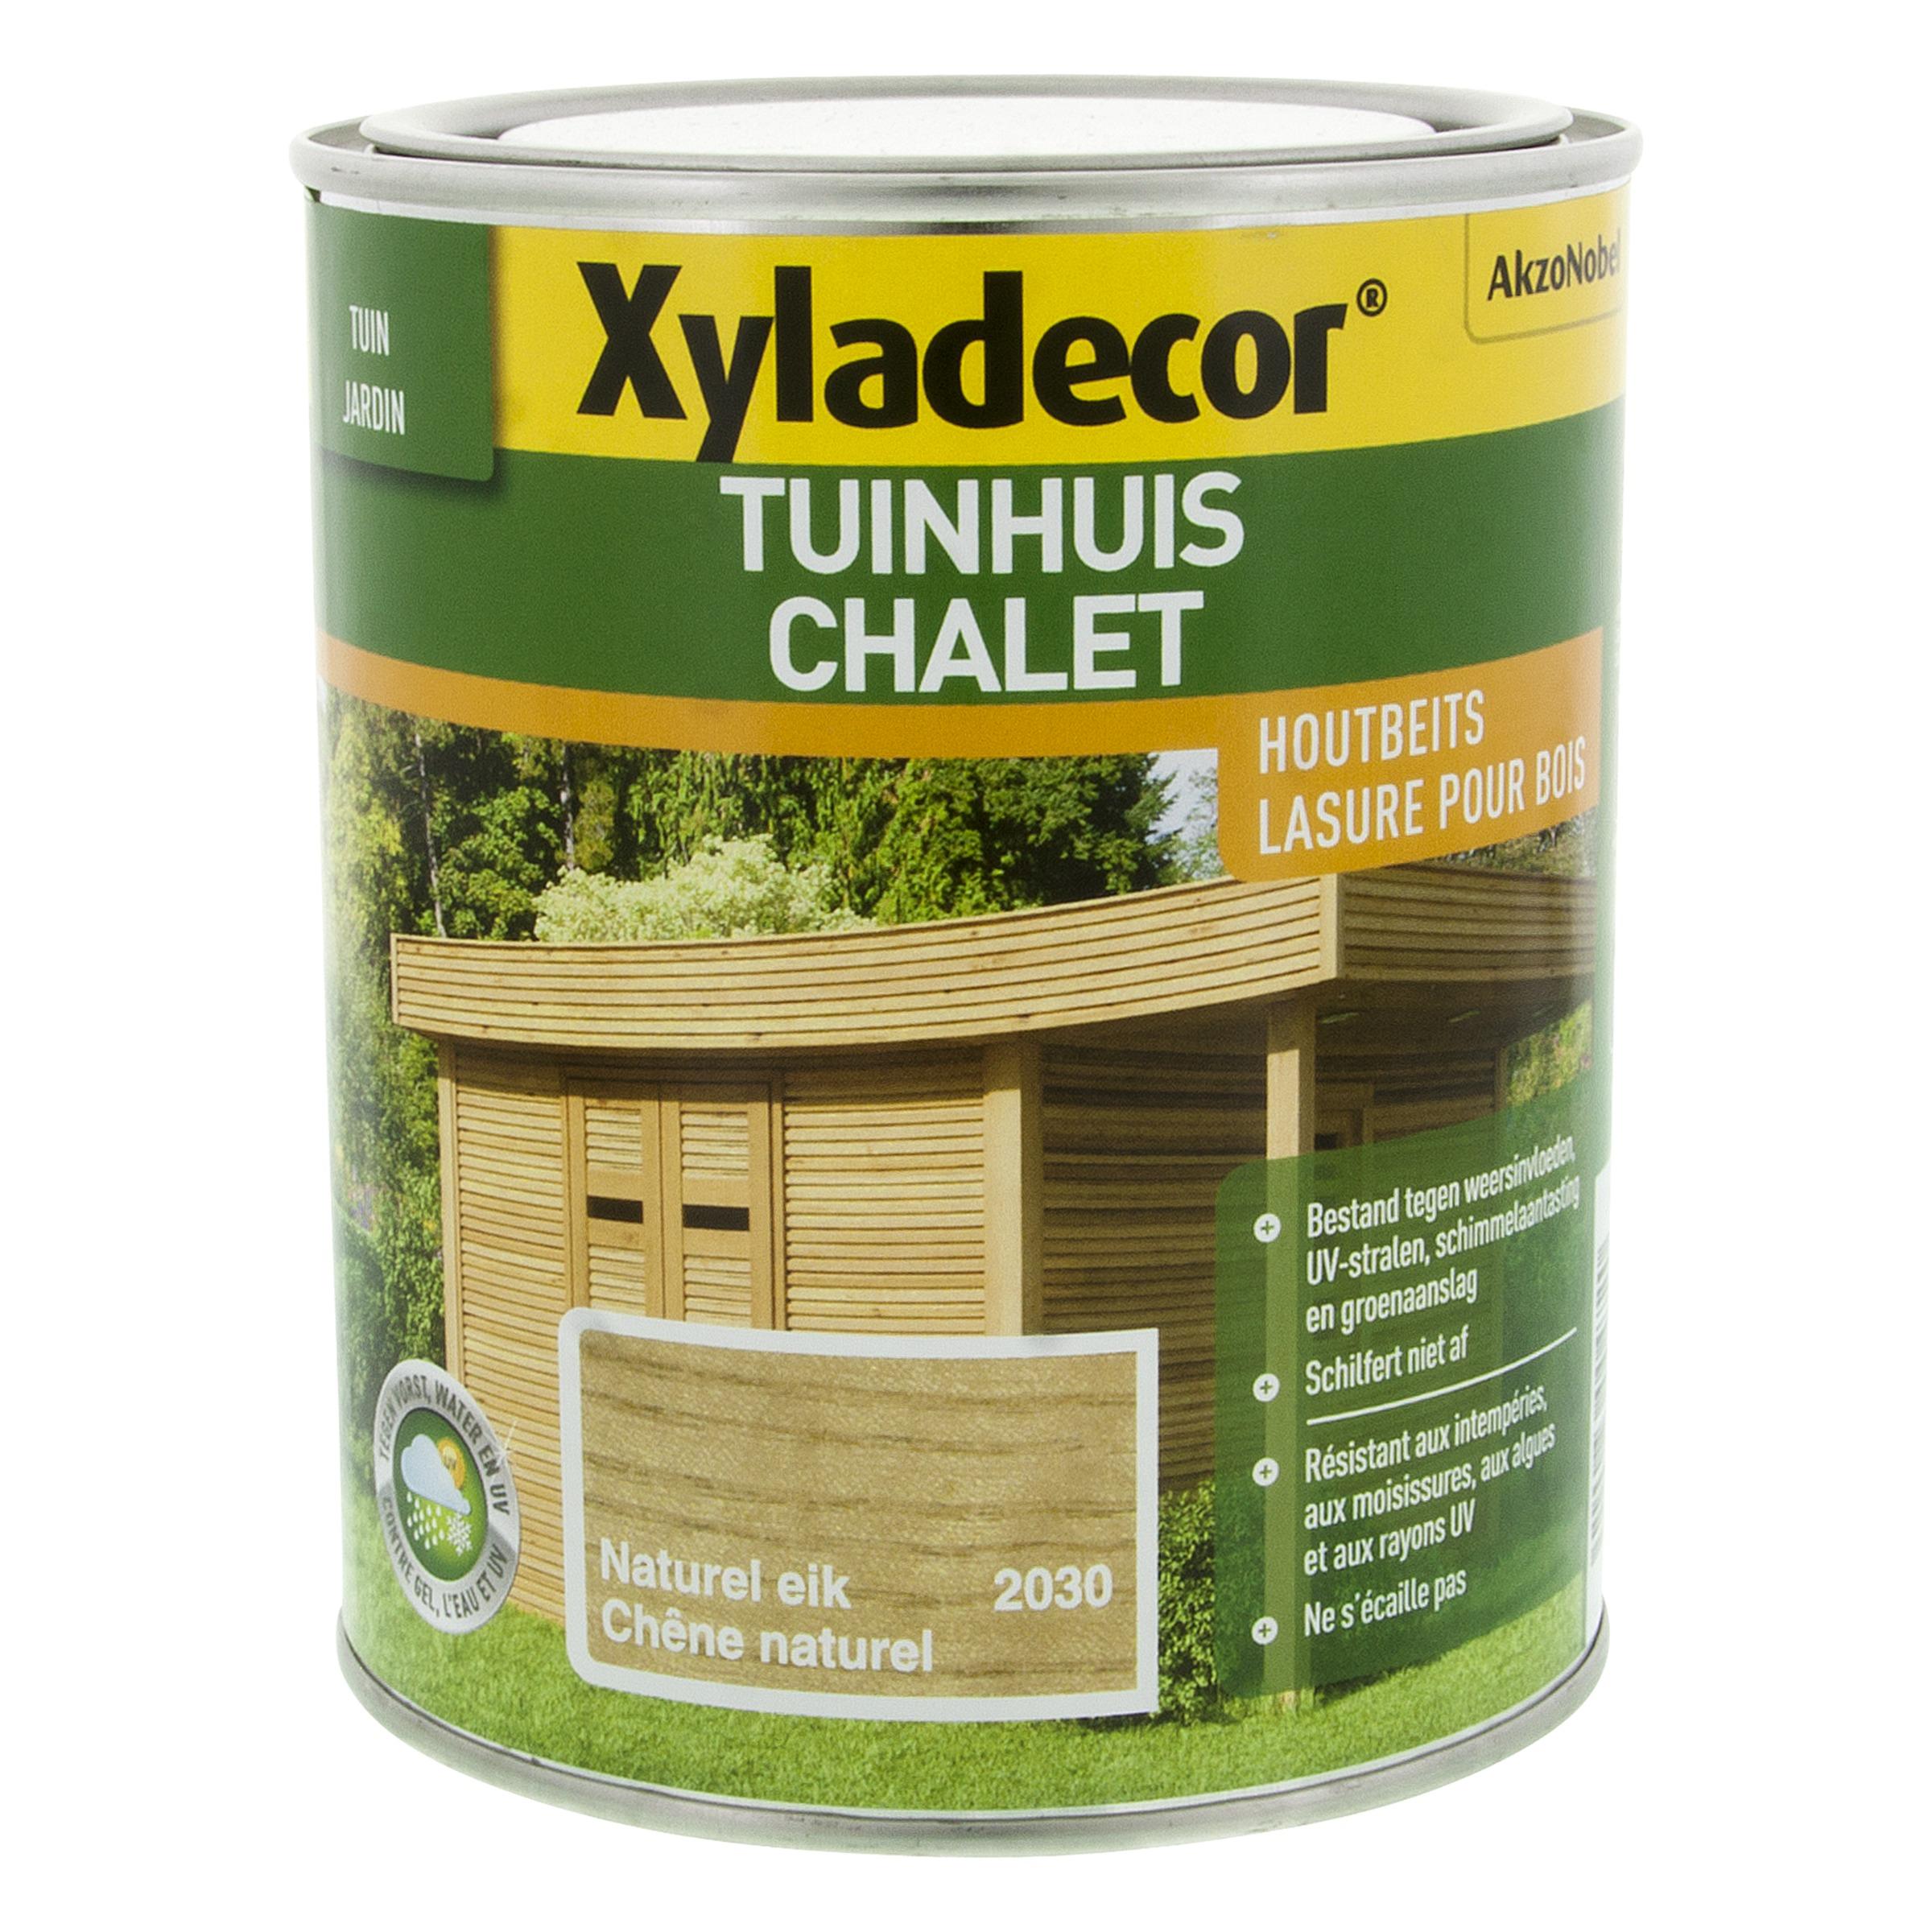 lasure pour chalet xyladecor ch ne naturel 750 ml vernis huiles lasures papier peint. Black Bedroom Furniture Sets. Home Design Ideas